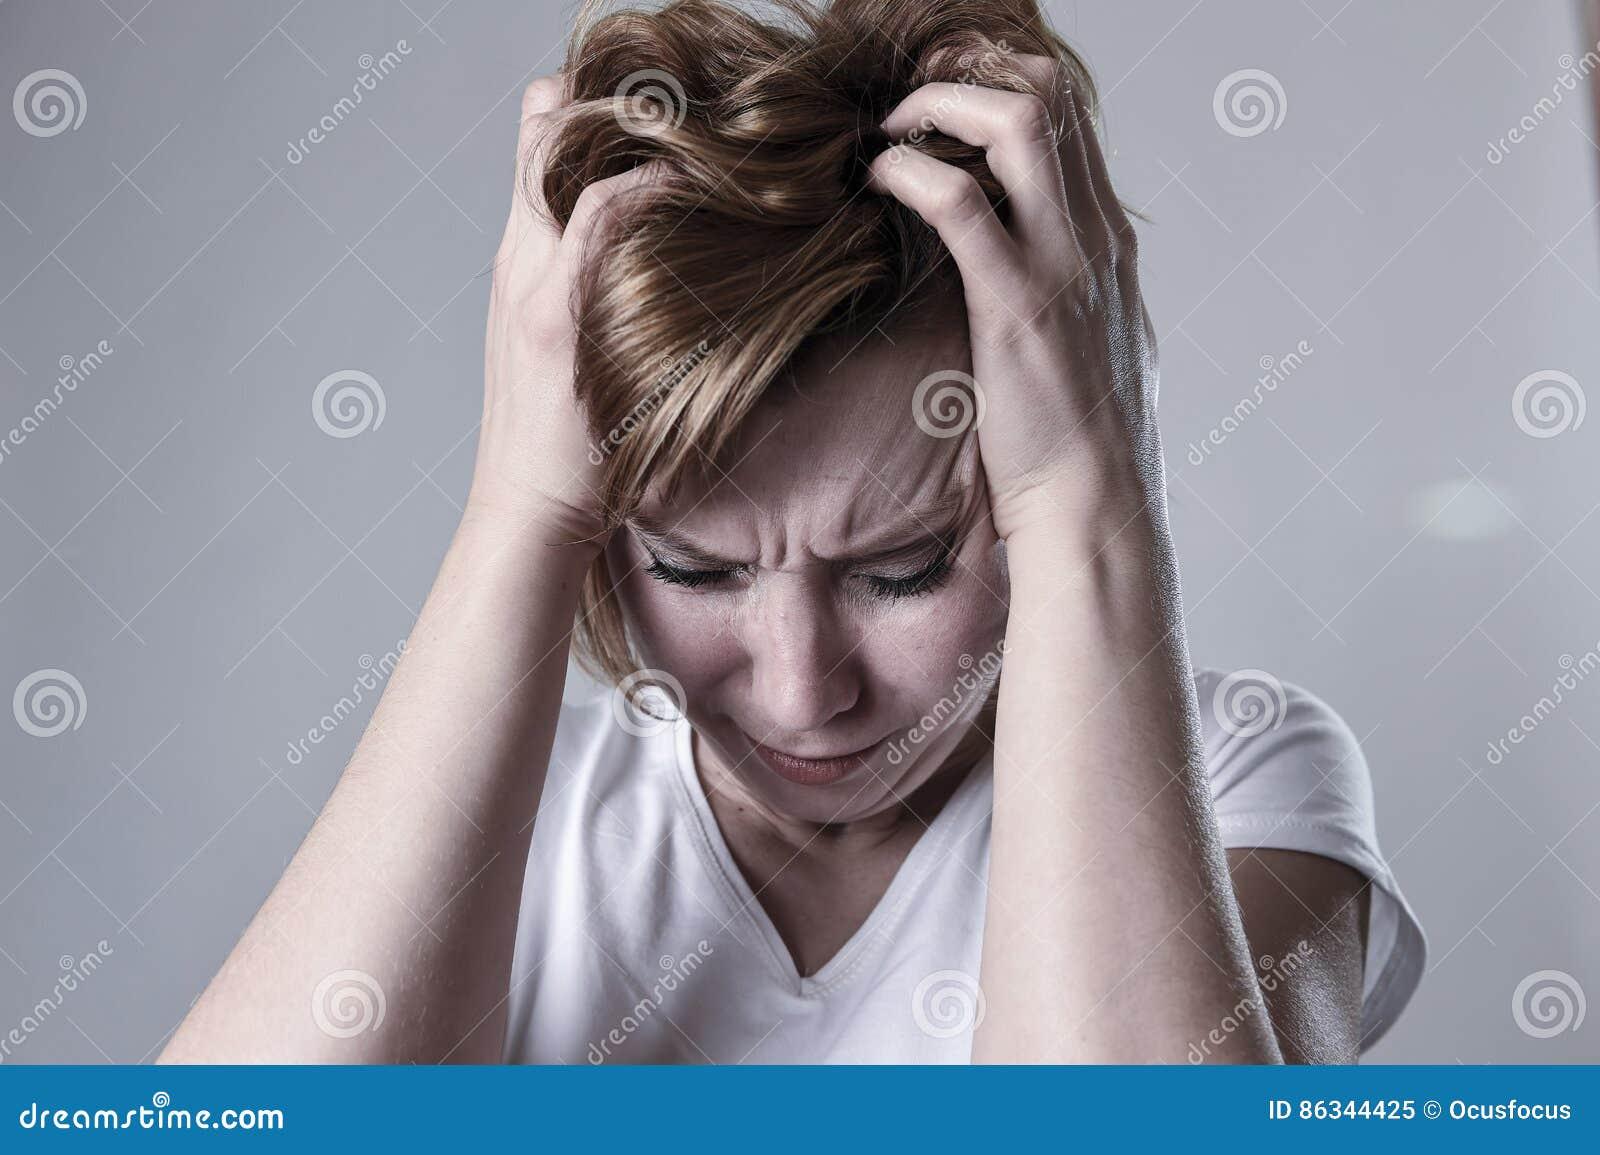 Zdewastowana przygnębiona kobieta płacze smutnego uczucia cierpienia ranną depresję w smucenie emoci